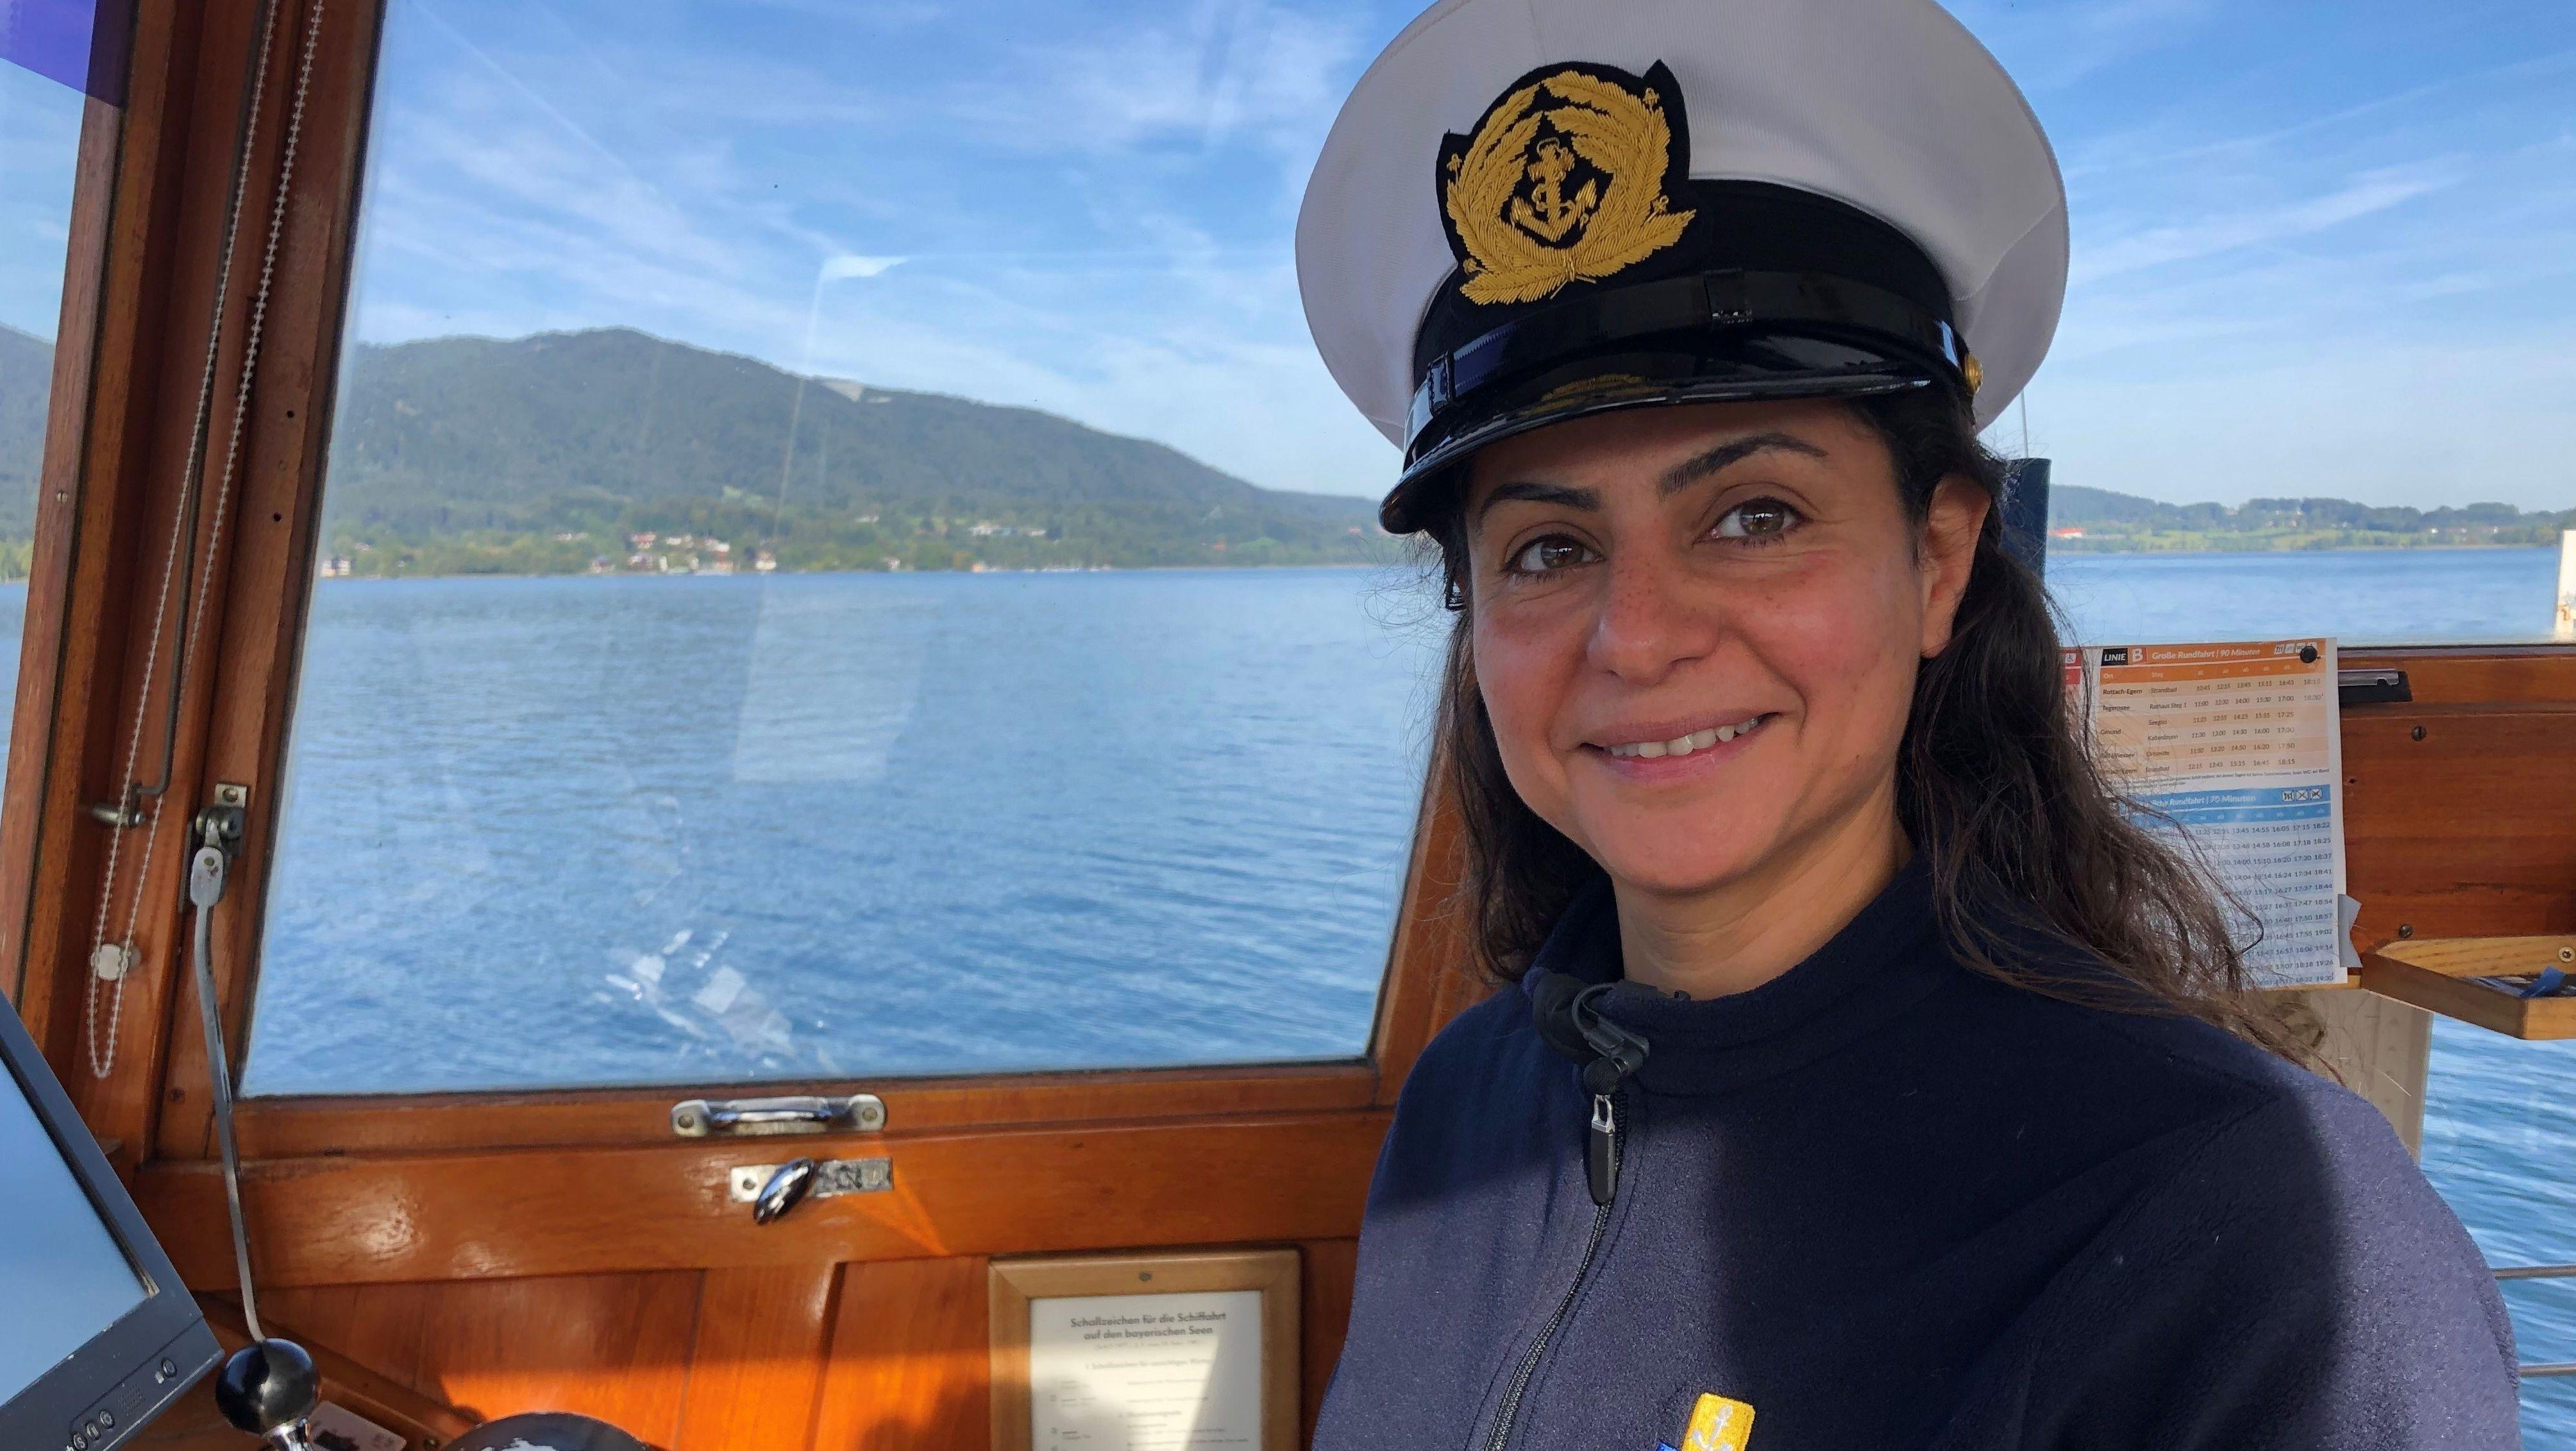 Tegernsee-Kapitänin Najd Boshi